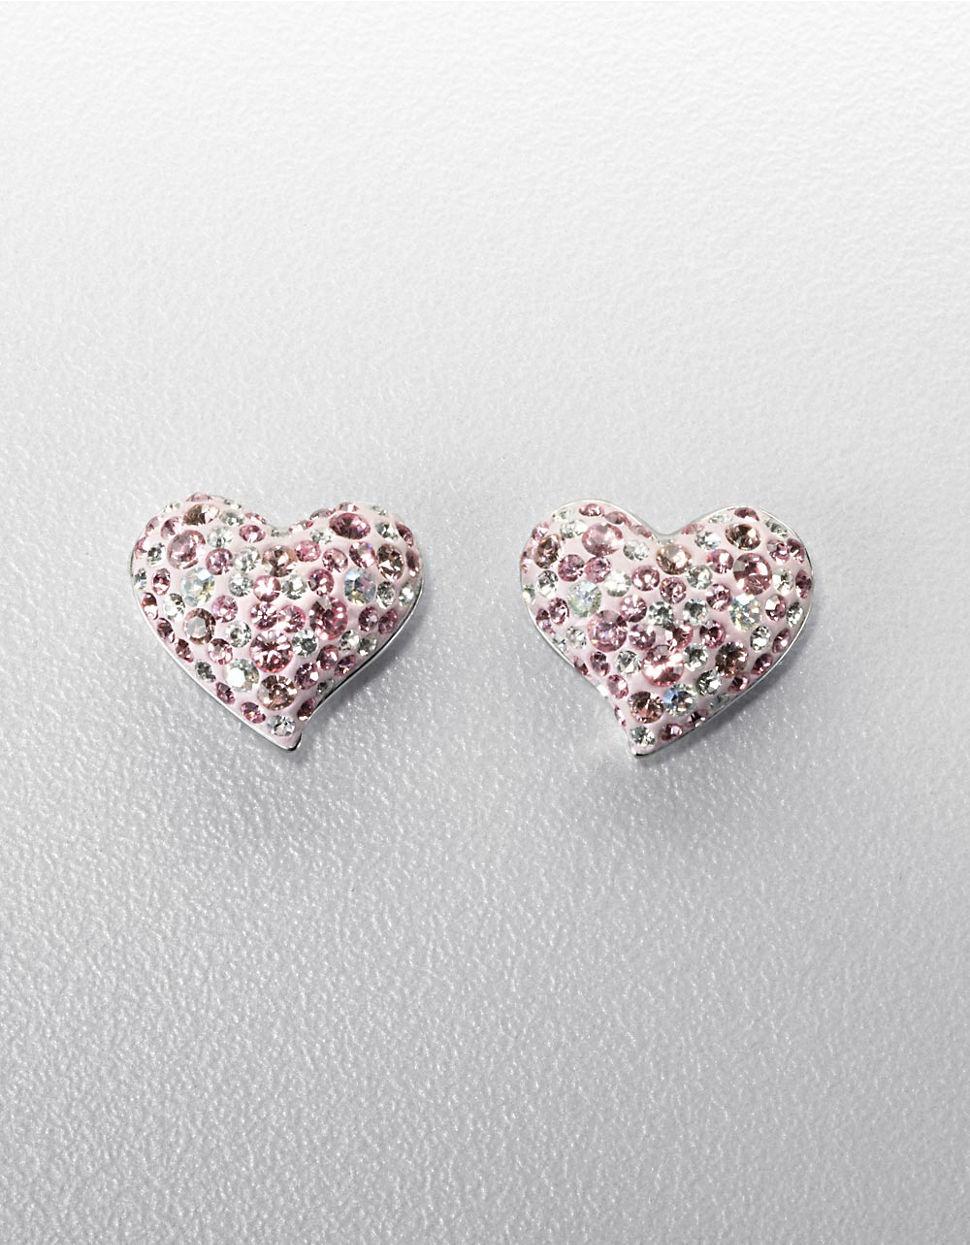 683b6b140 Swarovski Alana Pink Heart Earrings Best All Earring Photos. Swarovski  Pierced Earrings 993487 Alana Heart Piercing